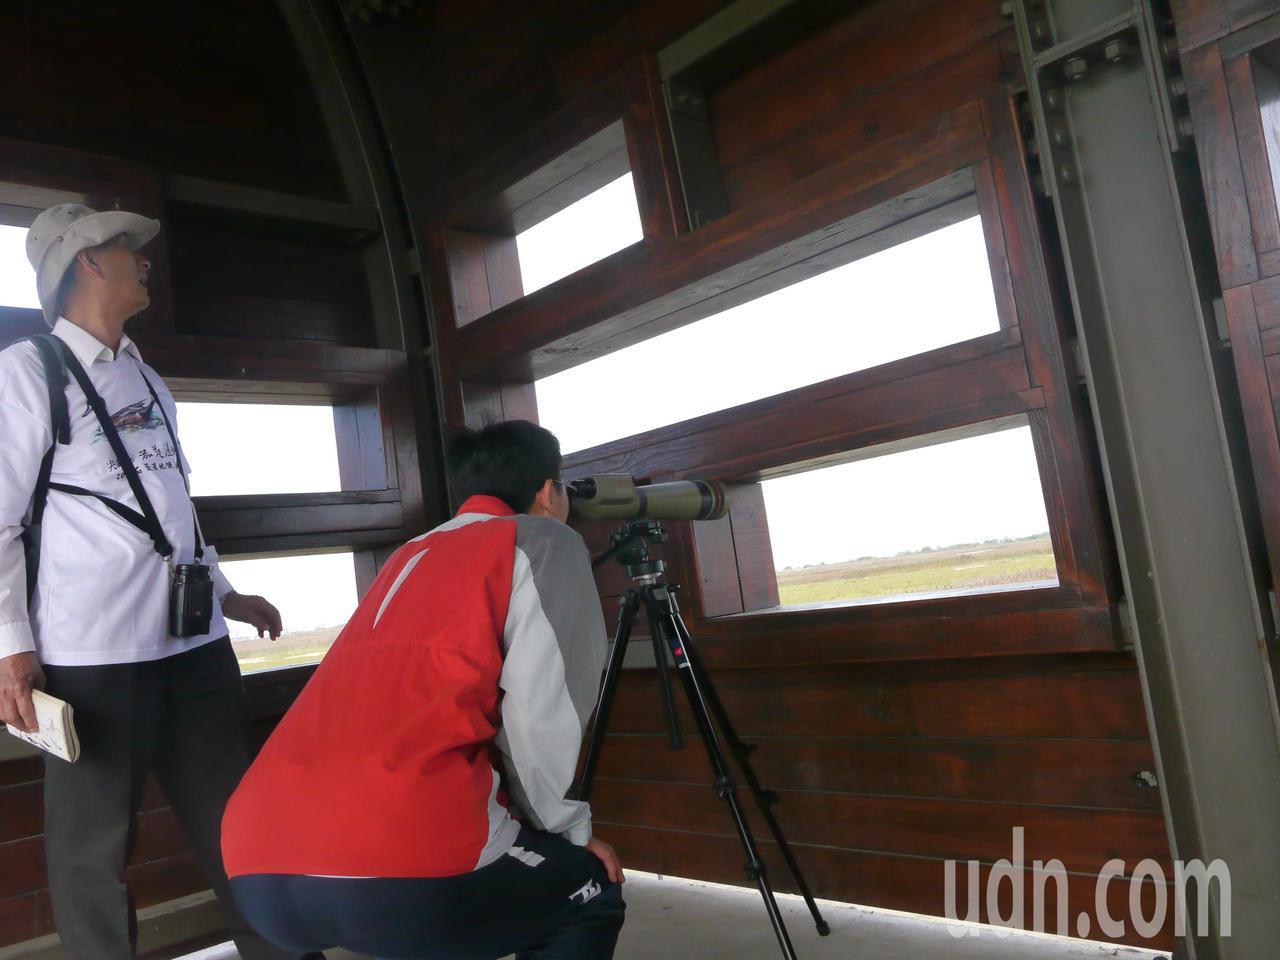 賞鳥志工(左)在賞鳥亭架設望遠鏡,讓賞鳥遊客透過鏡頭近看野鳥姿態。記者徐白櫻/攝...